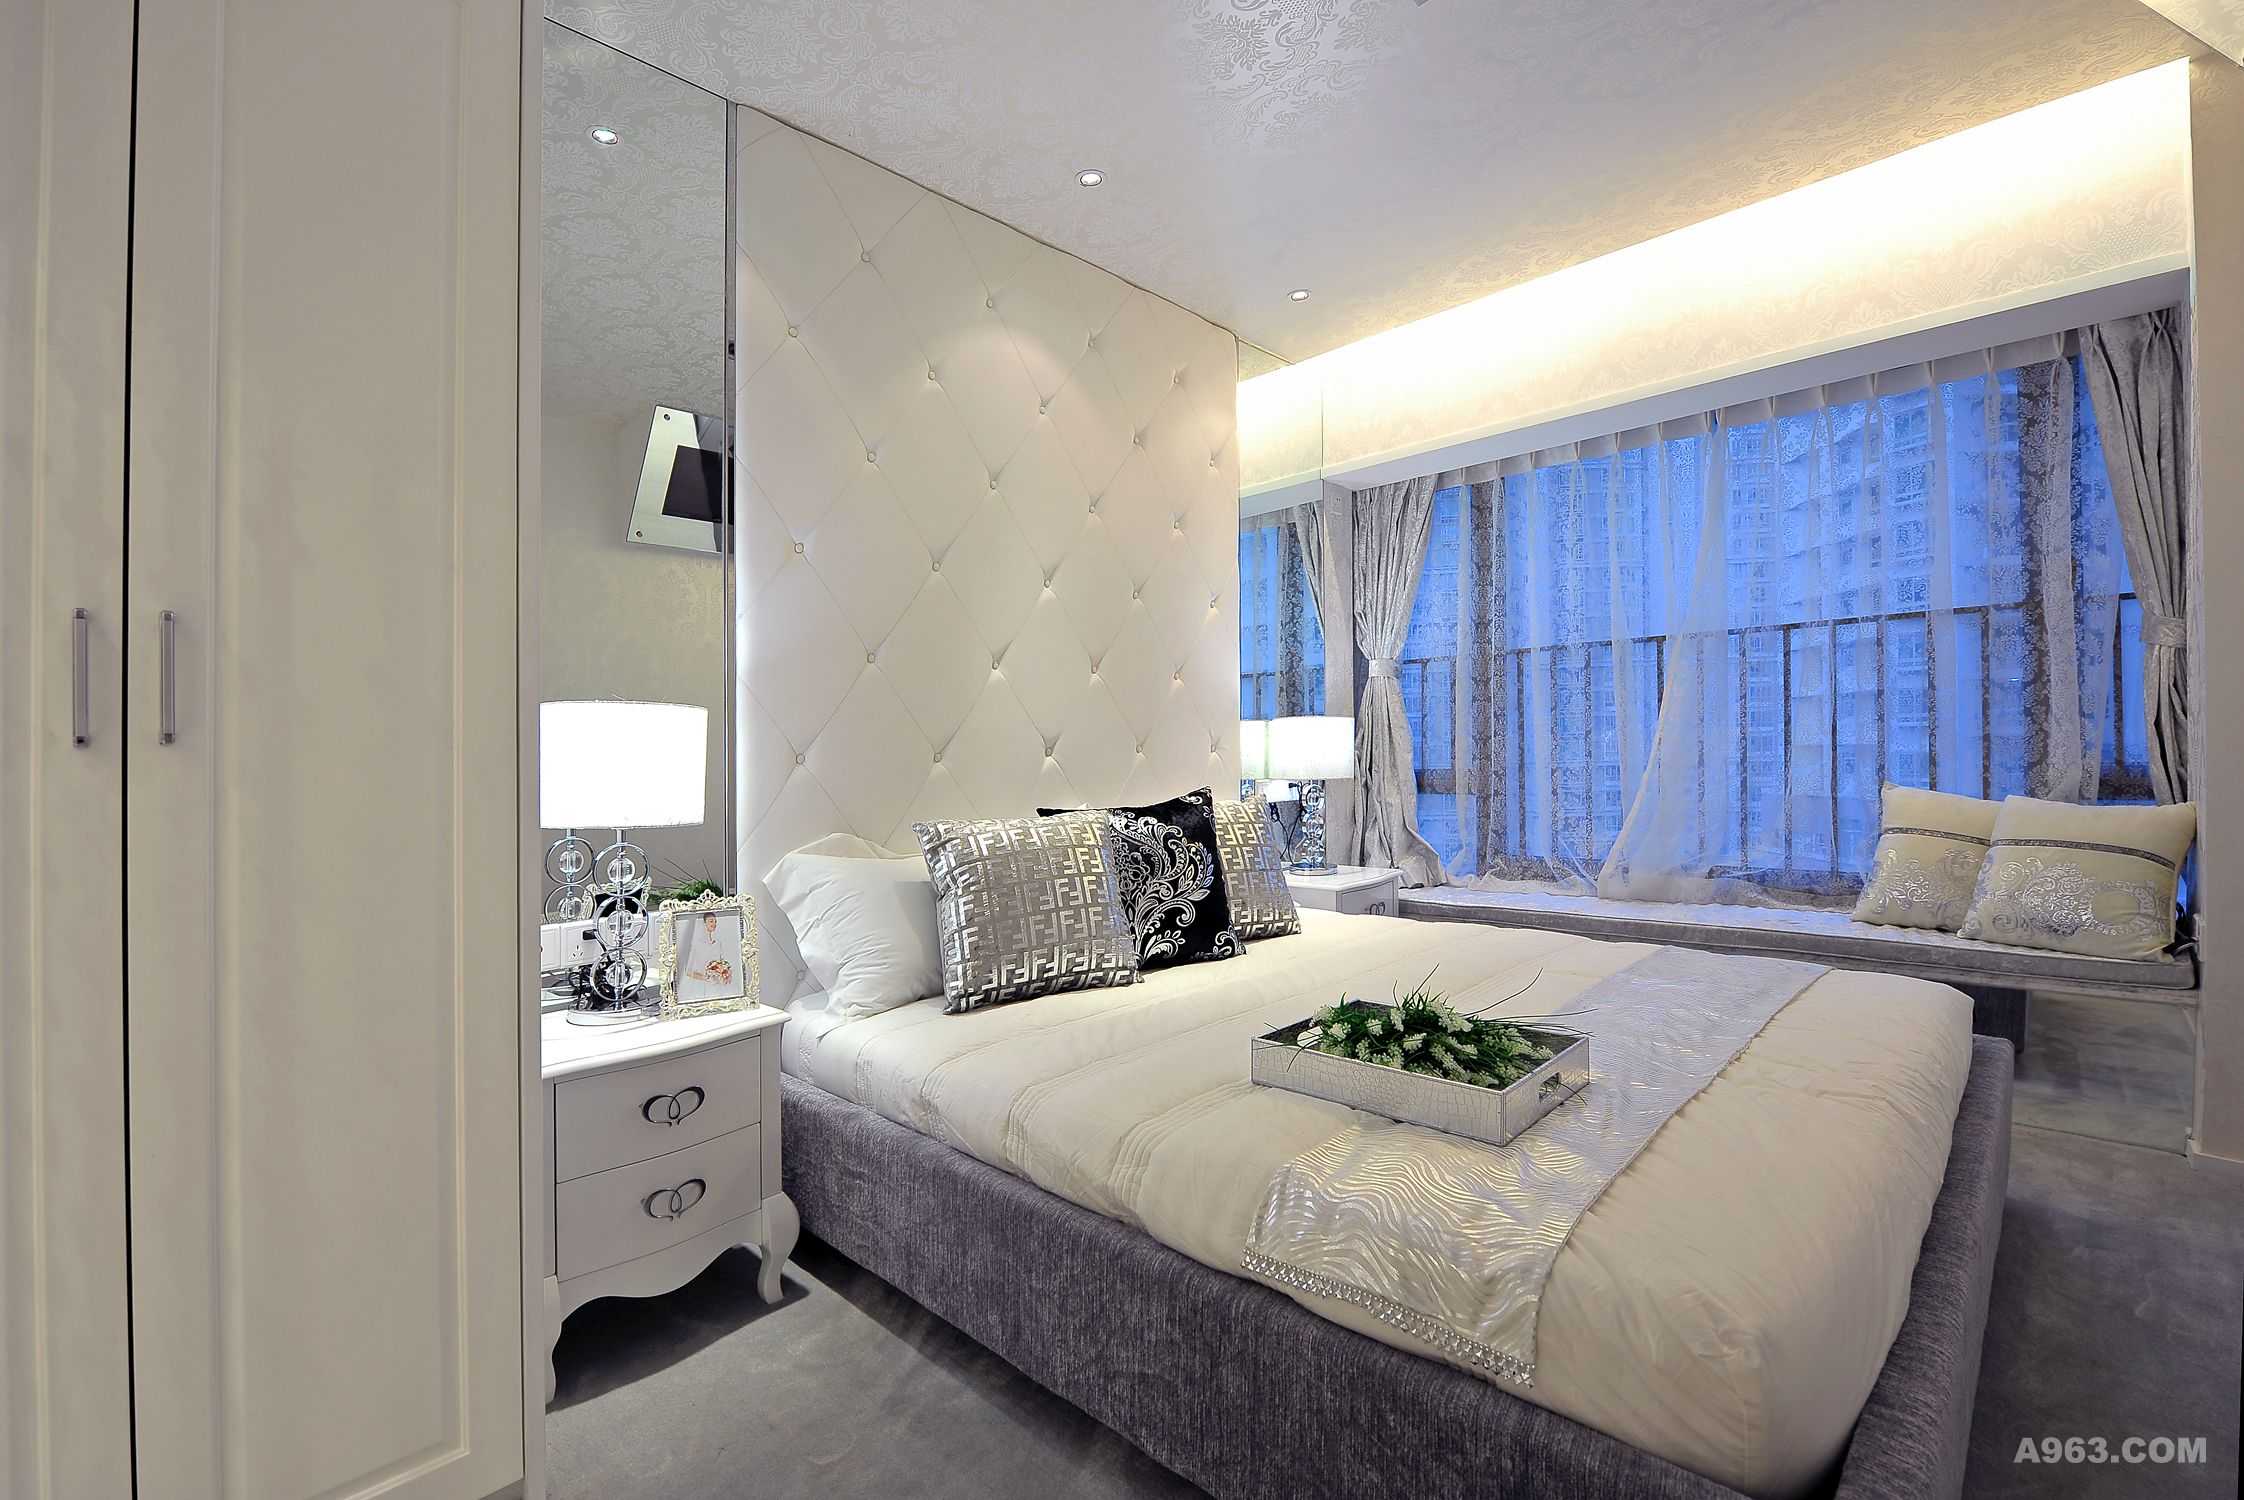 背景墙 房间 家居 起居室 设计 卧室 卧室装修 现代 装修 2244_1500